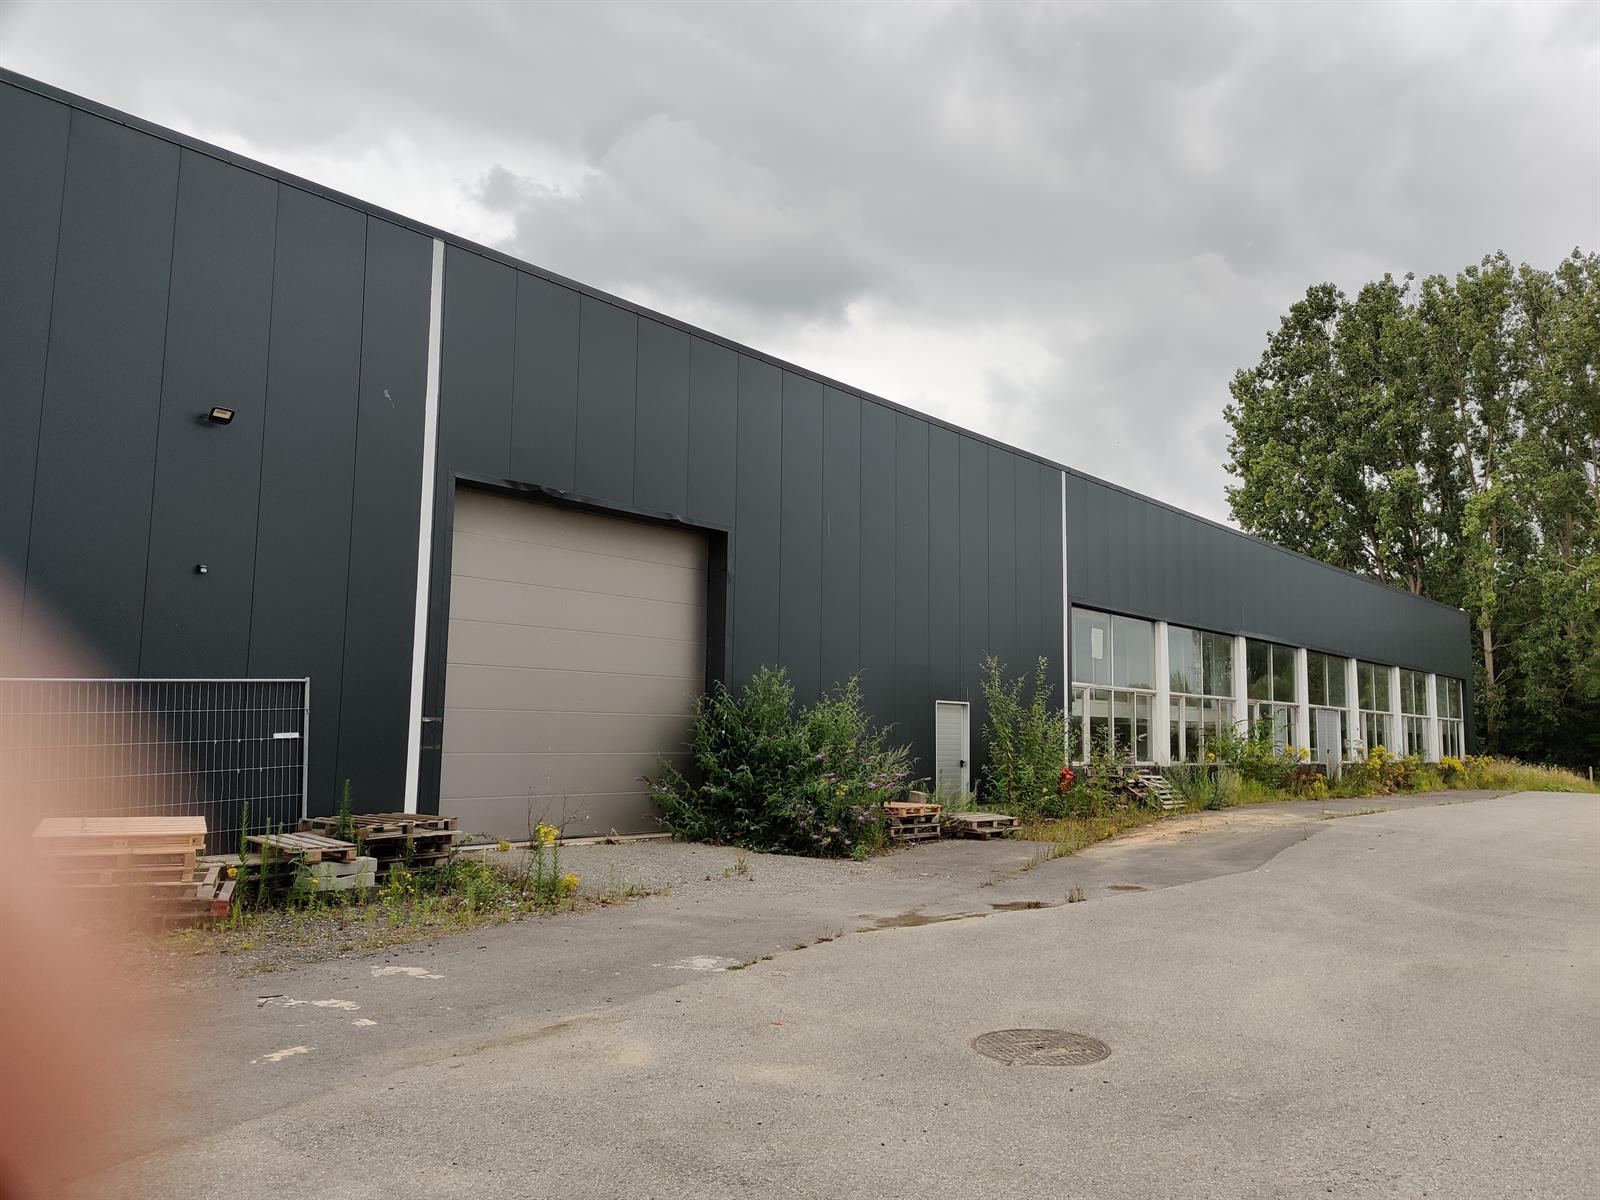 gebouw voor gemengd gebruik te huur I158 - Lumbeekstraat 38, 1700 Dilbeek Sint-Ulriks-Kapelle, België 4